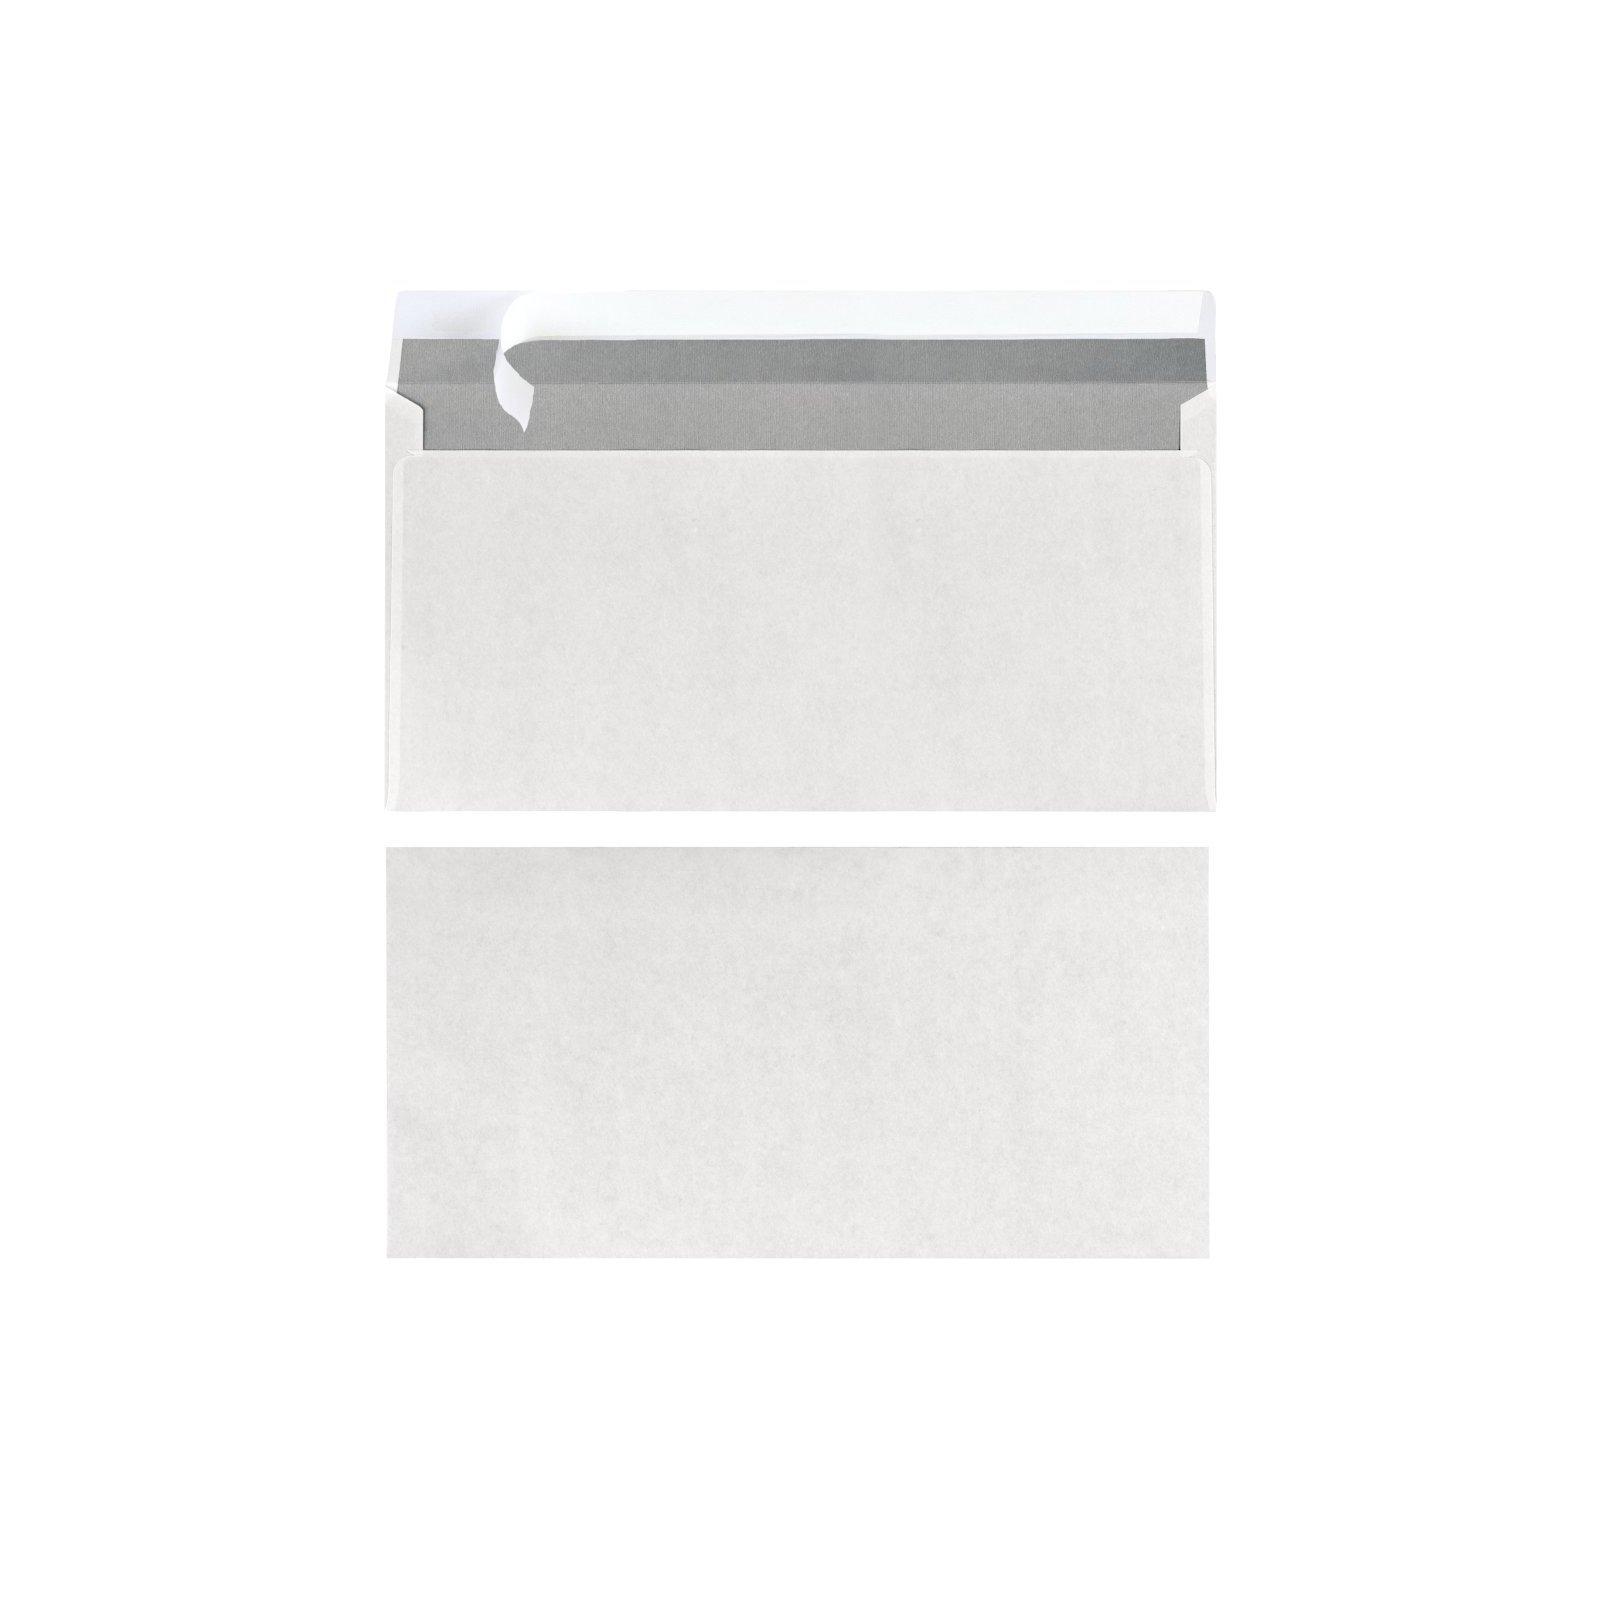 Herlitz Briefumschlag Din Lang Ohne Fenster Weiß 239